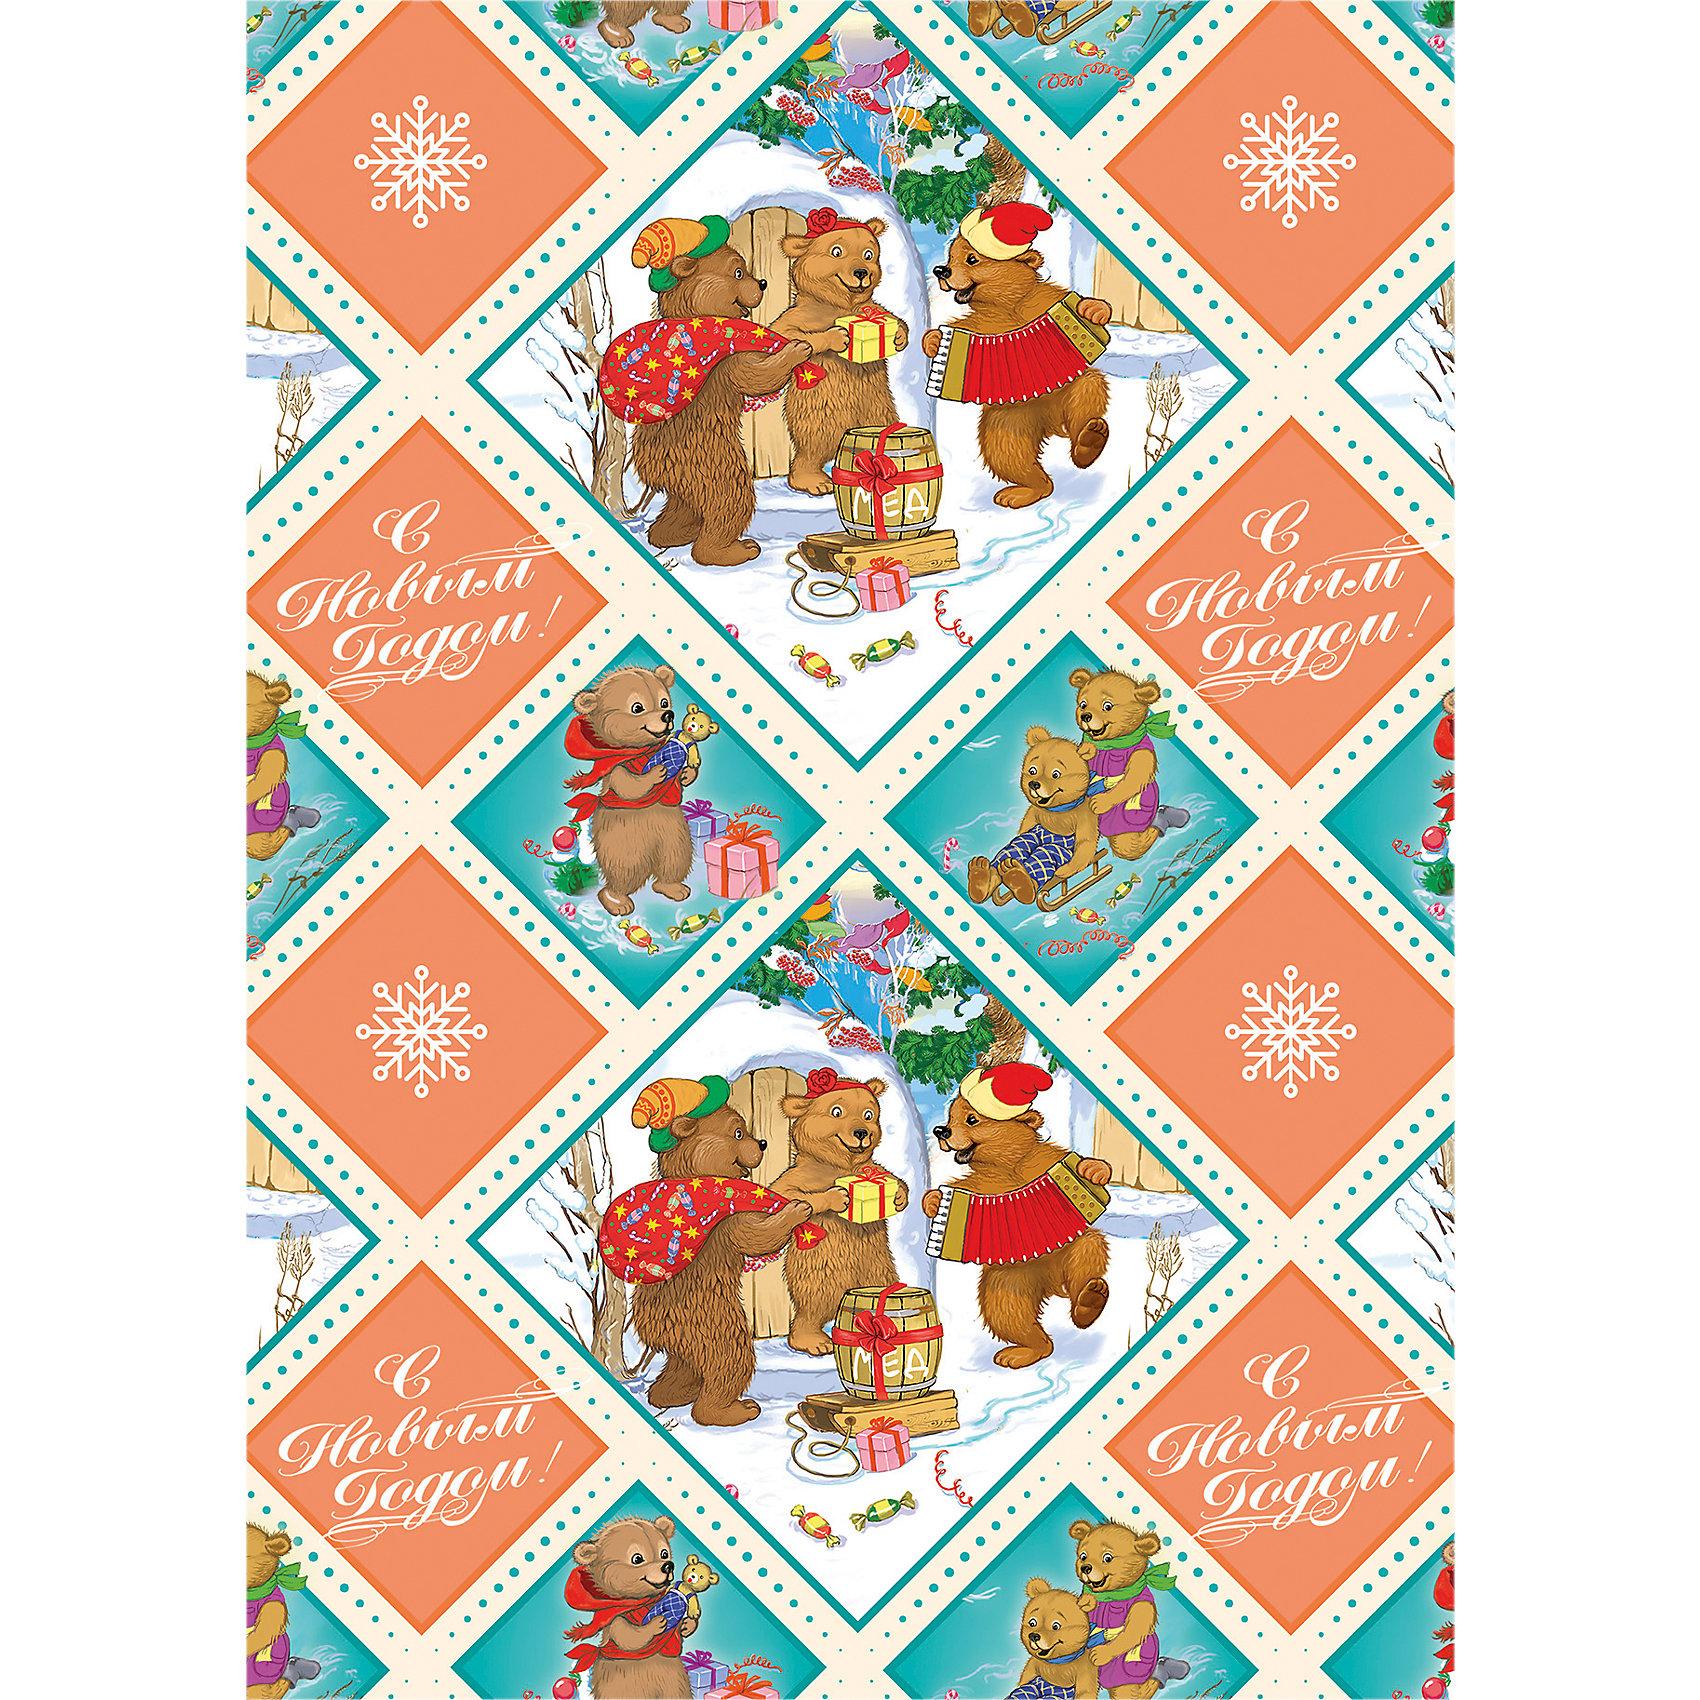 Упаковочная бумага Медвежата 100*70 смВсё для праздника<br>Упаковочная бумага Медвежата 100 * 70 см - впустите атмосферу зимы и праздников в ваш дом! С этой декоративной бумагой так весело наряжать подарки и радовать близких. Яркая односторонняя бумага с цветными рисунками веселых мишек, наслаждающихся зимними праздниками и надписью «С Новым Годом!» подойдет для любого типа подарков не зависимо от пола и возраста. Упаковочная бумага представлена свернутой в рулон. Подарите сюрприз вашим близким!<br><br>Дополнительная информация:<br><br>- Размер: 100 * 70 см.<br>- Материал: бумага, плотность 80 г/м2 <br>Упаковочную бумагу Медвежата 100 * 70 см можно купить в нашем интернет-магазине.<br>Подробнее:<br>• Для детей в возрасте: от 3 лет<br>• Номер товара: 4981465<br>Страна производитель: Китай<br><br>Ширина мм: 100<br>Глубина мм: 100<br>Высота мм: 60<br>Вес г: 62<br>Возраст от месяцев: 36<br>Возраст до месяцев: 2147483647<br>Пол: Унисекс<br>Возраст: Детский<br>SKU: 4981465